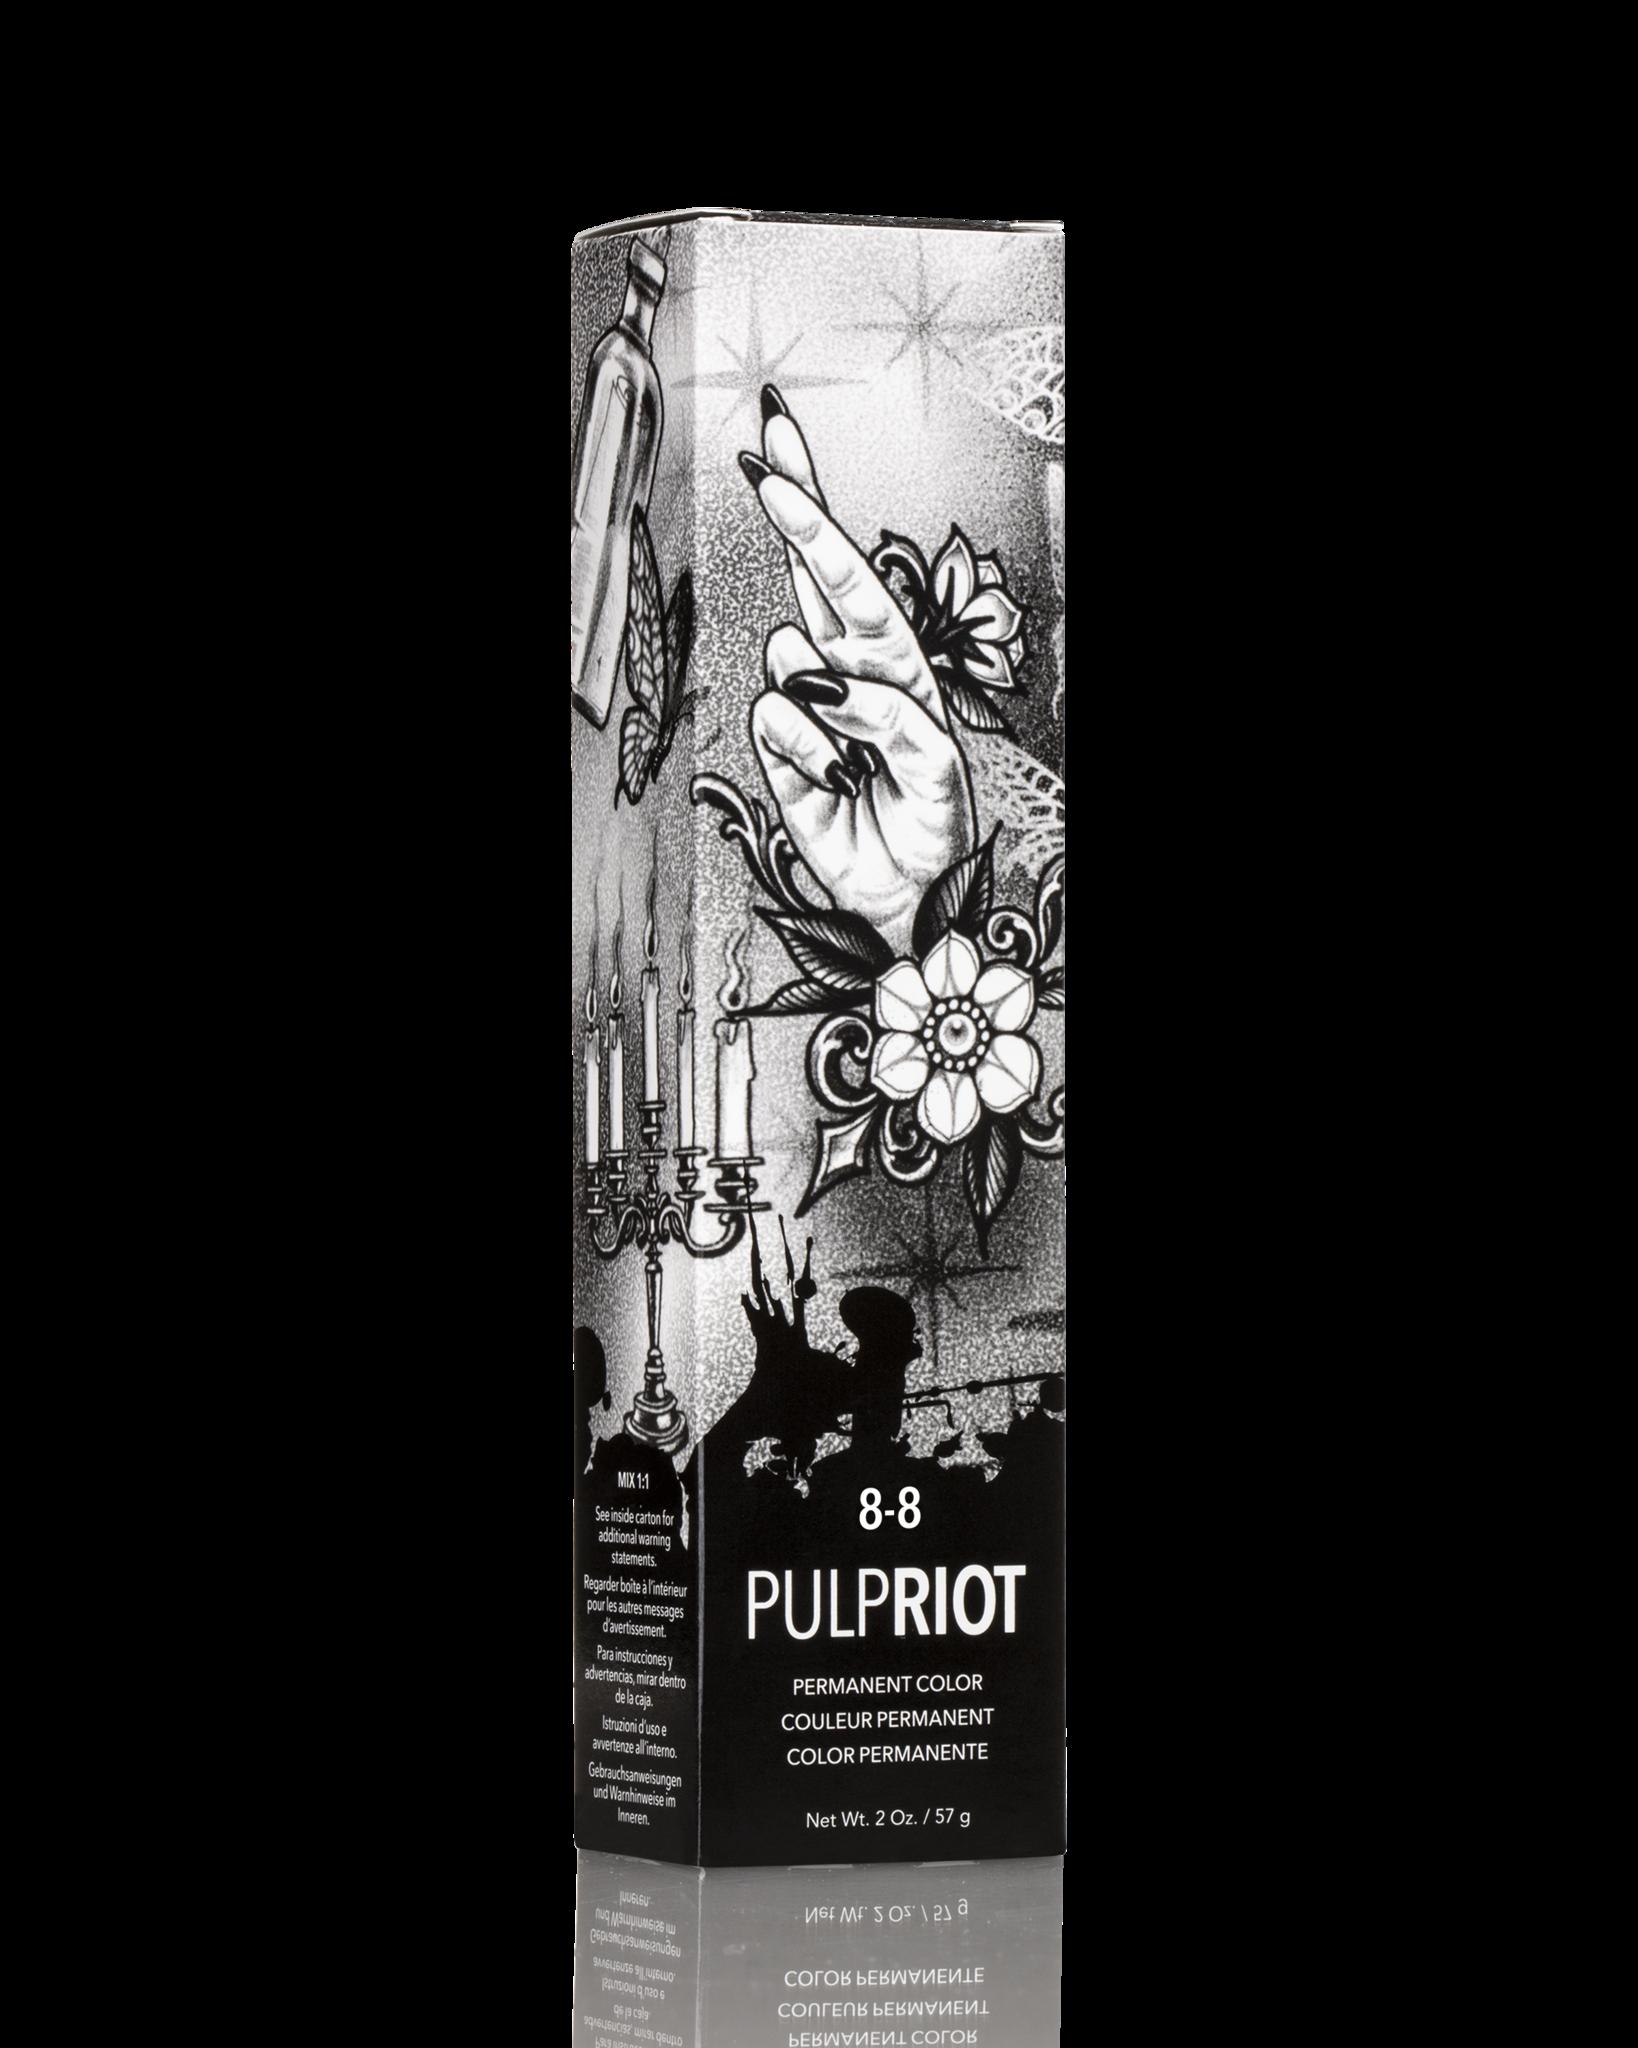 Pulp Riot PULP RIOT FACTION 8 MARRON/BROWN 8-8